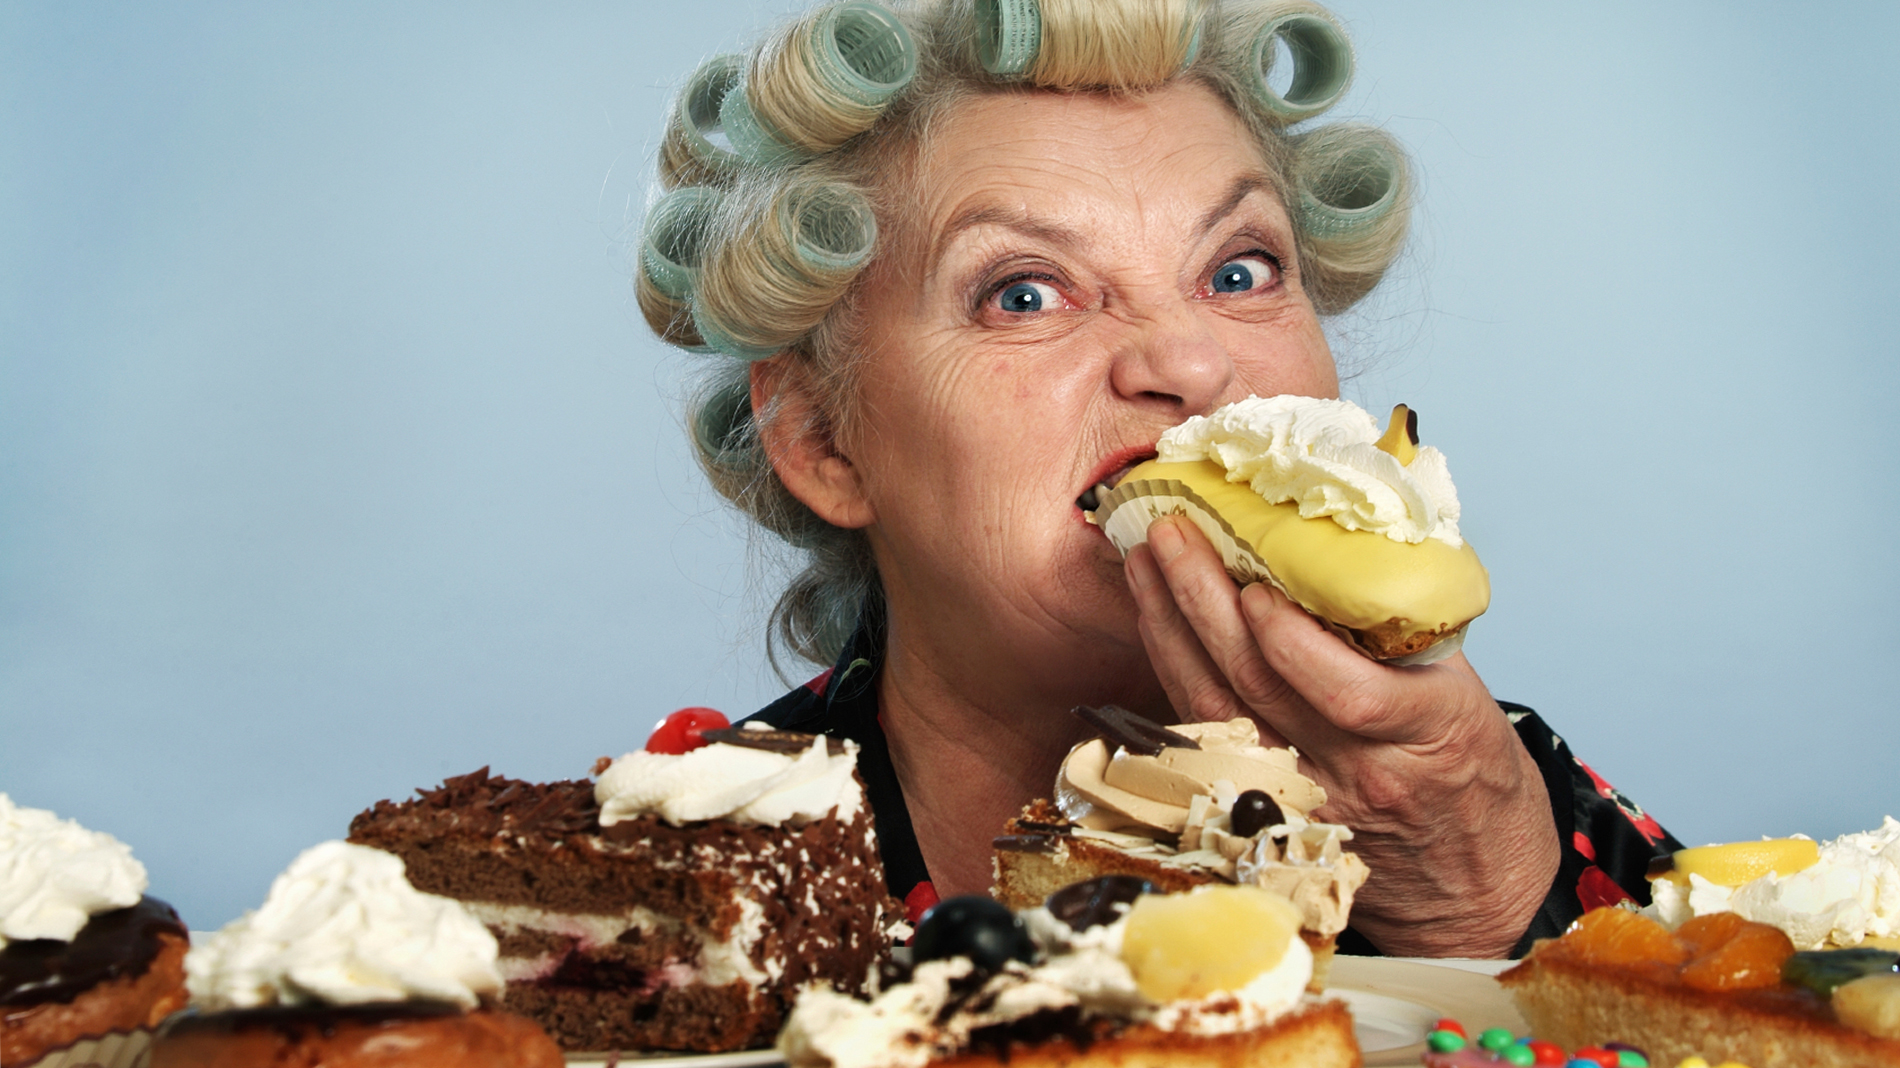 Смешные картинки про еду и диету хорошем качестве, парень девушка